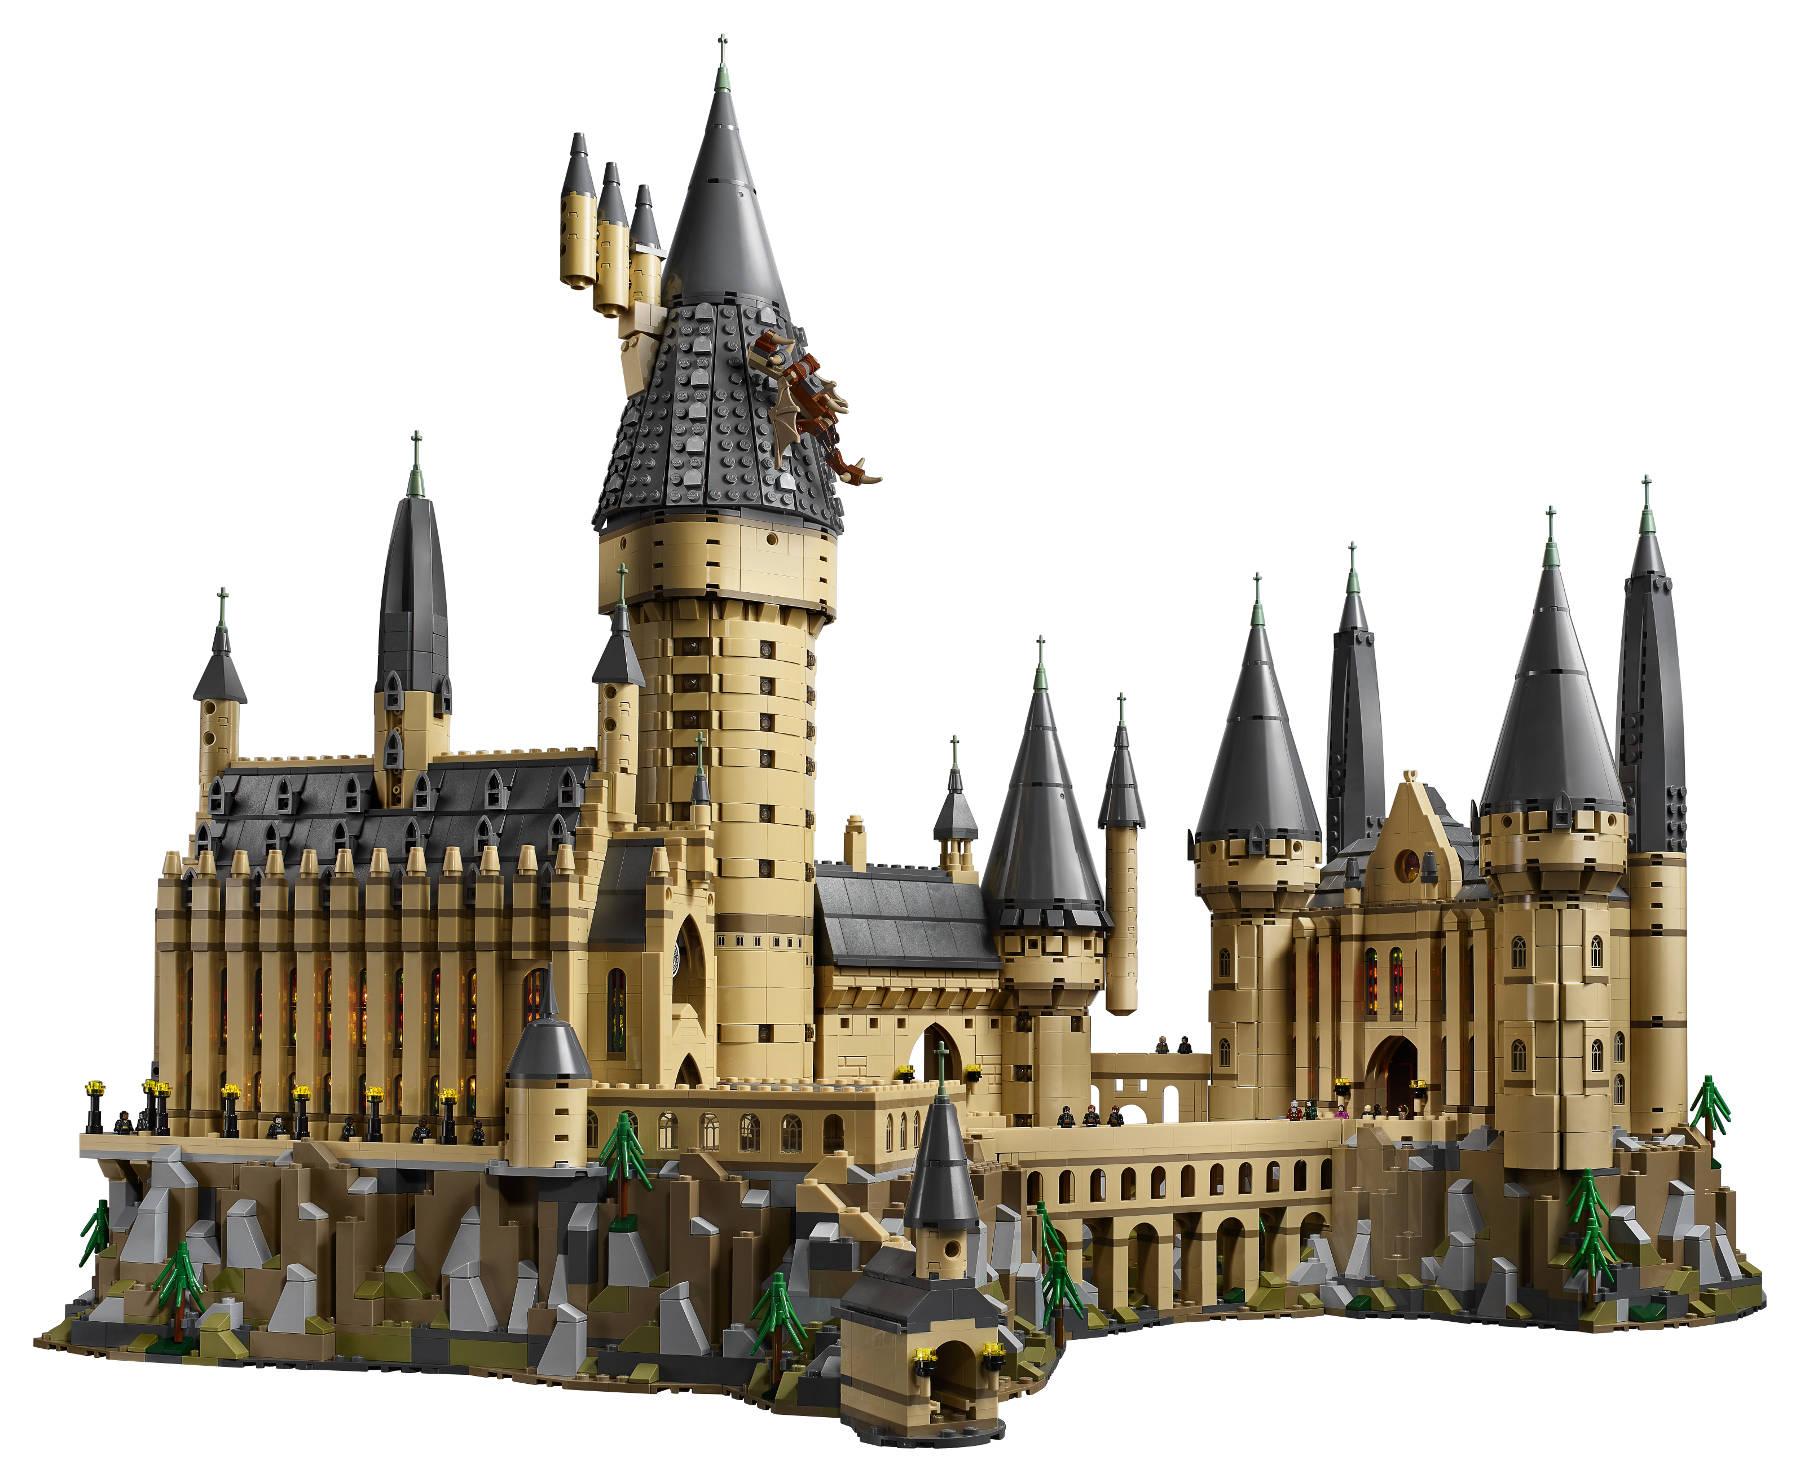 lego reveals gigantic microscale hogwarts castle fbtb. Black Bedroom Furniture Sets. Home Design Ideas